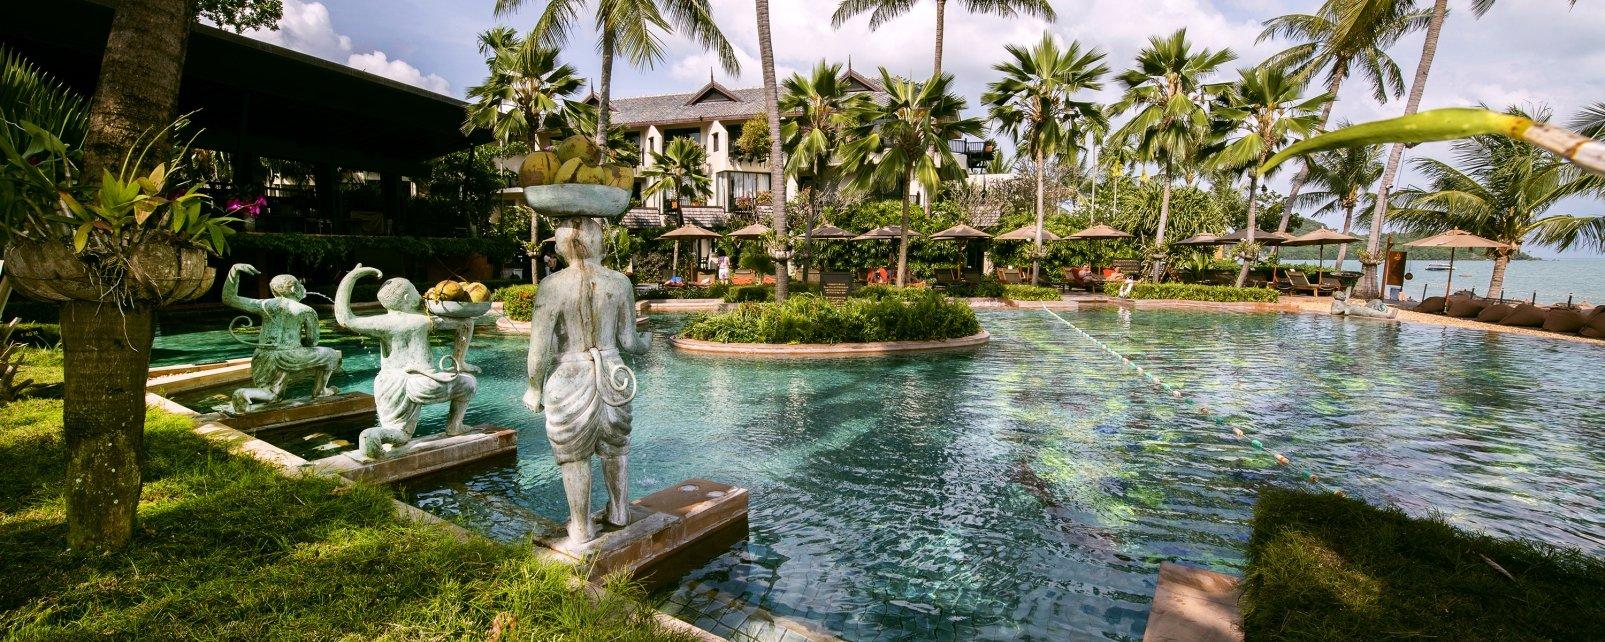 Hotel Anantara Bophut Koh Samui Resort